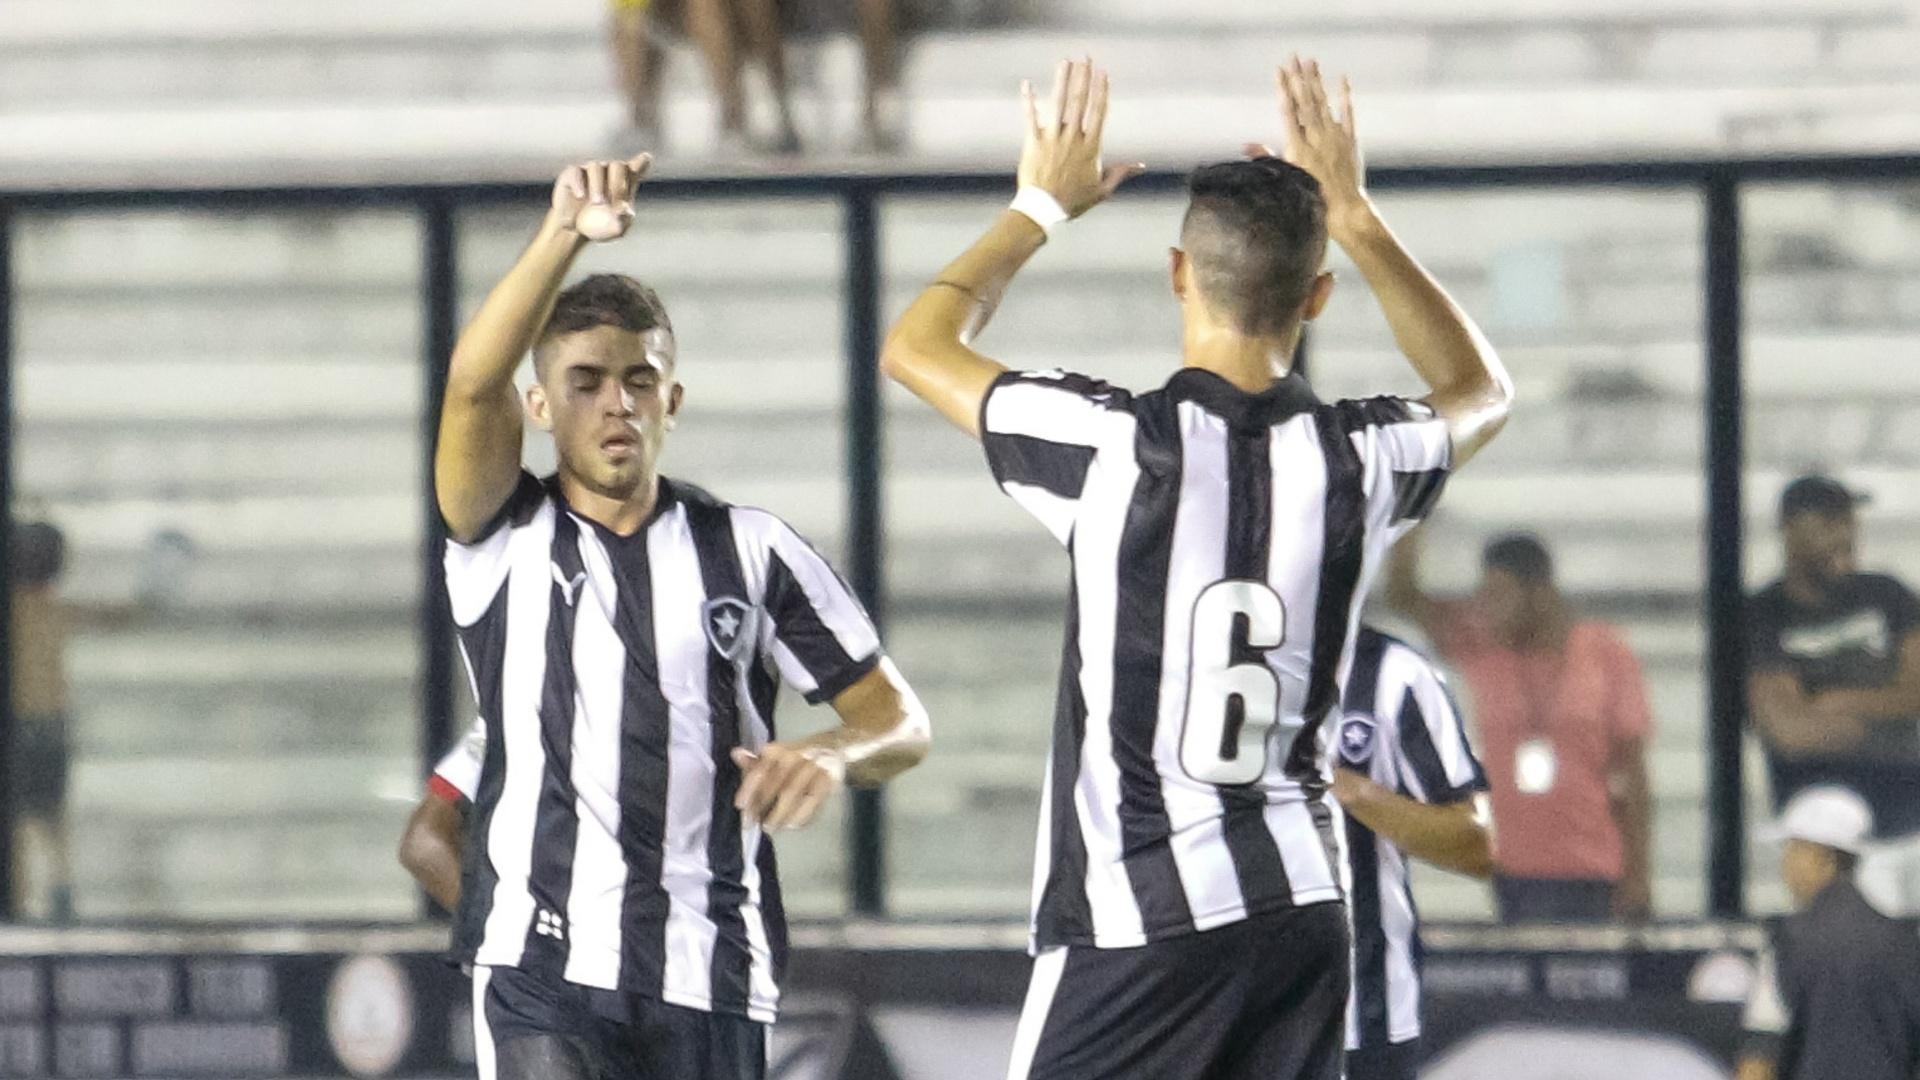 Gegê comemora o seu gol pelo Botafogo contra a Portuguesa, no Campeonato Carioca